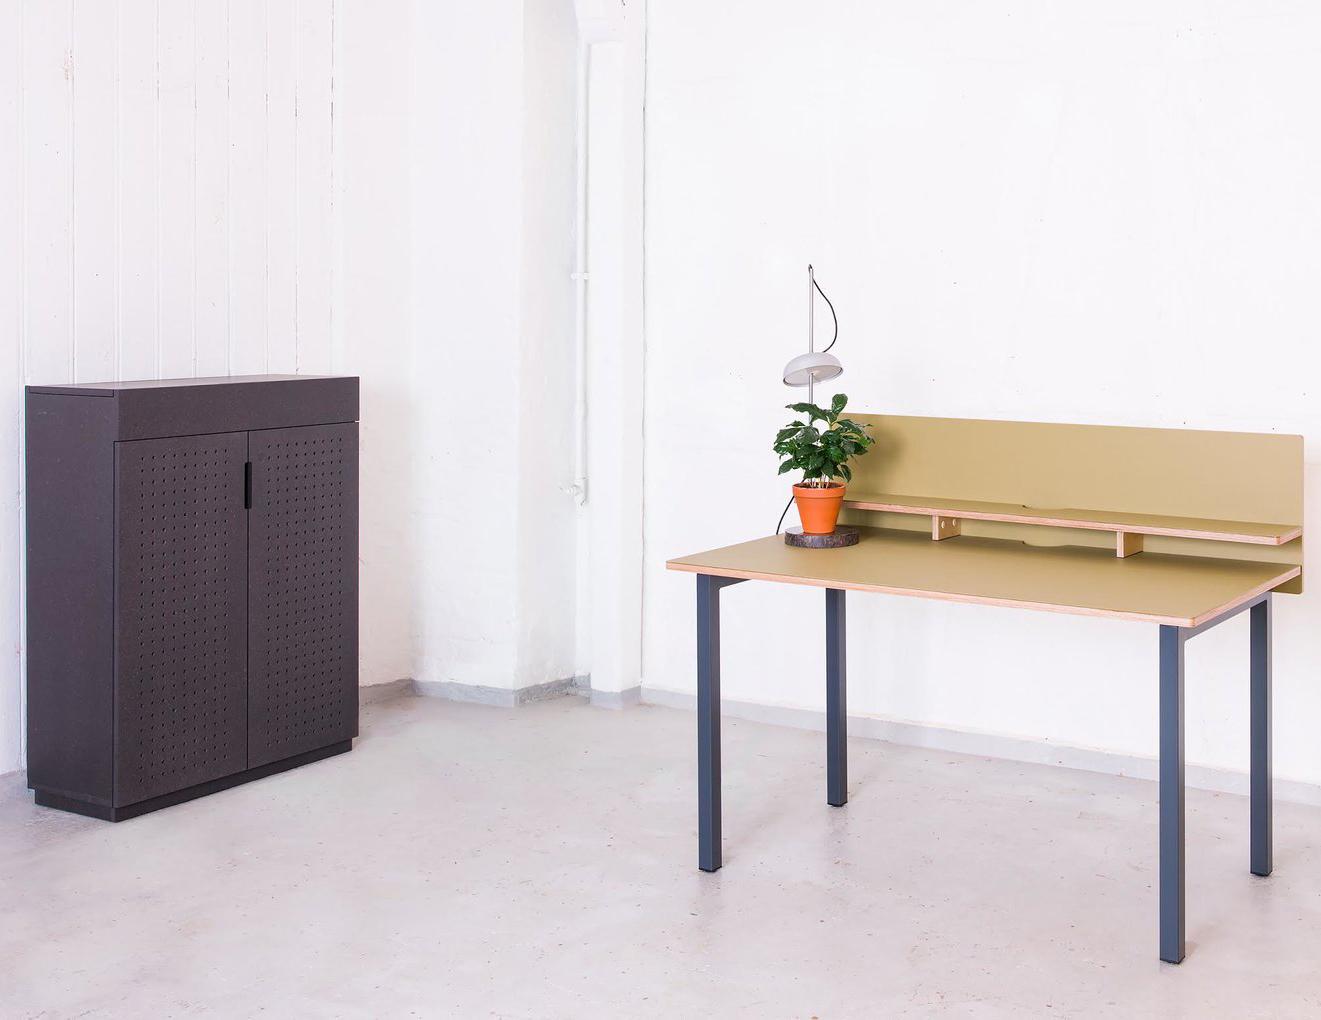 Cabinet designed by Ellen Ledsten - in dye coloured MDF, (Valchromat). Desk by Hallgeir Homstvedt with table desktop in olive green Forbo linoleum.